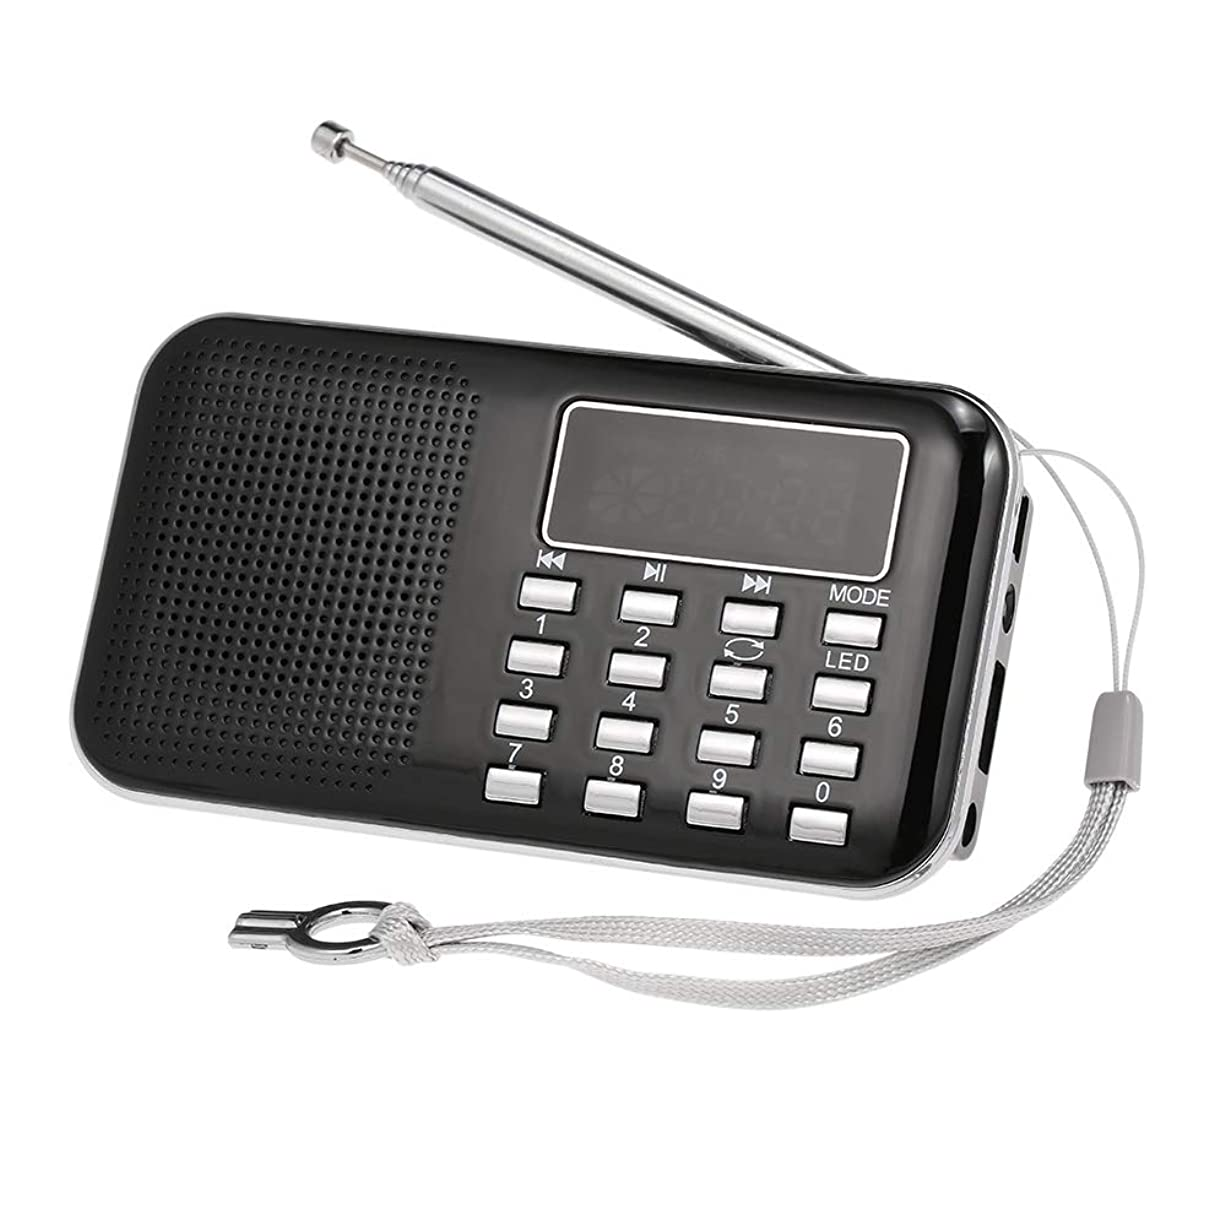 むさぼり食う名義で等しいKKmoon Y-896ミニFMラジオ デジタルポータブル 3Wステレオスピーカー MP3オーディオプレーヤー ハイファイサウンド 品質w/2インチ ディスプレイスクリーン サポートUSBドライブTFカードAUX入力 イヤホン出力